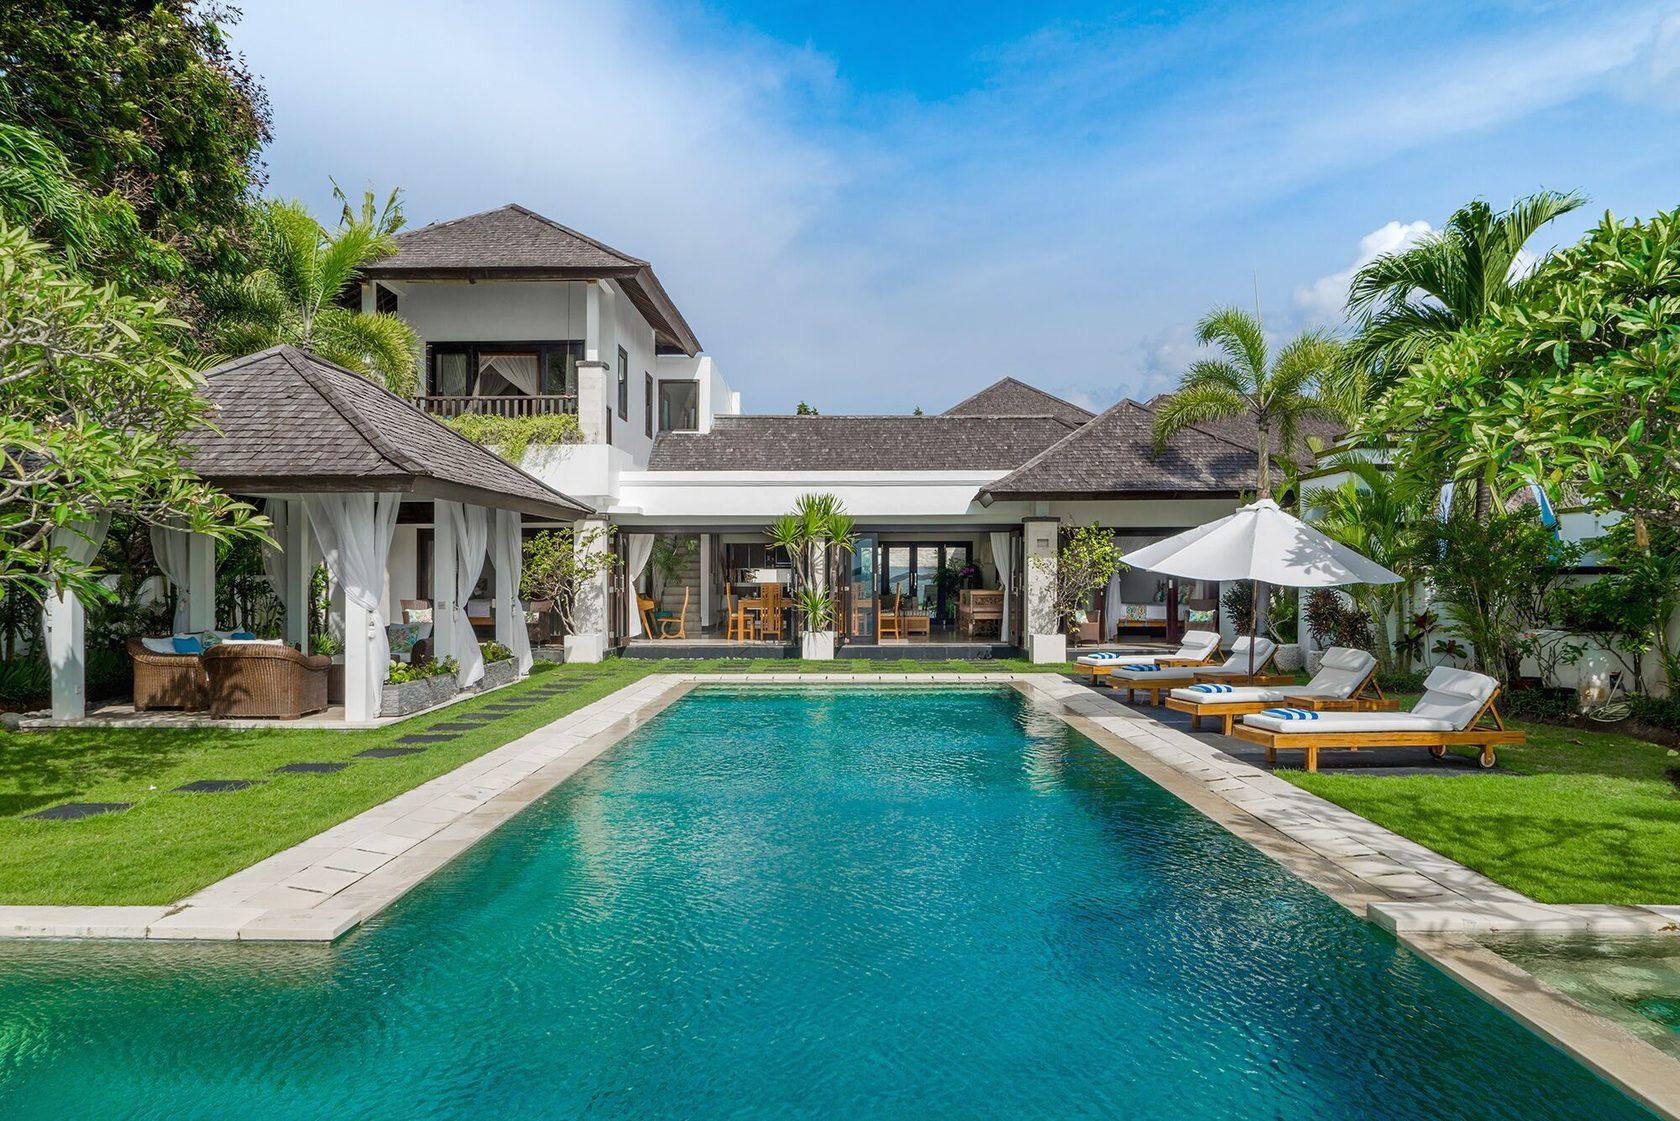 Фото дома с бассейном на Бали